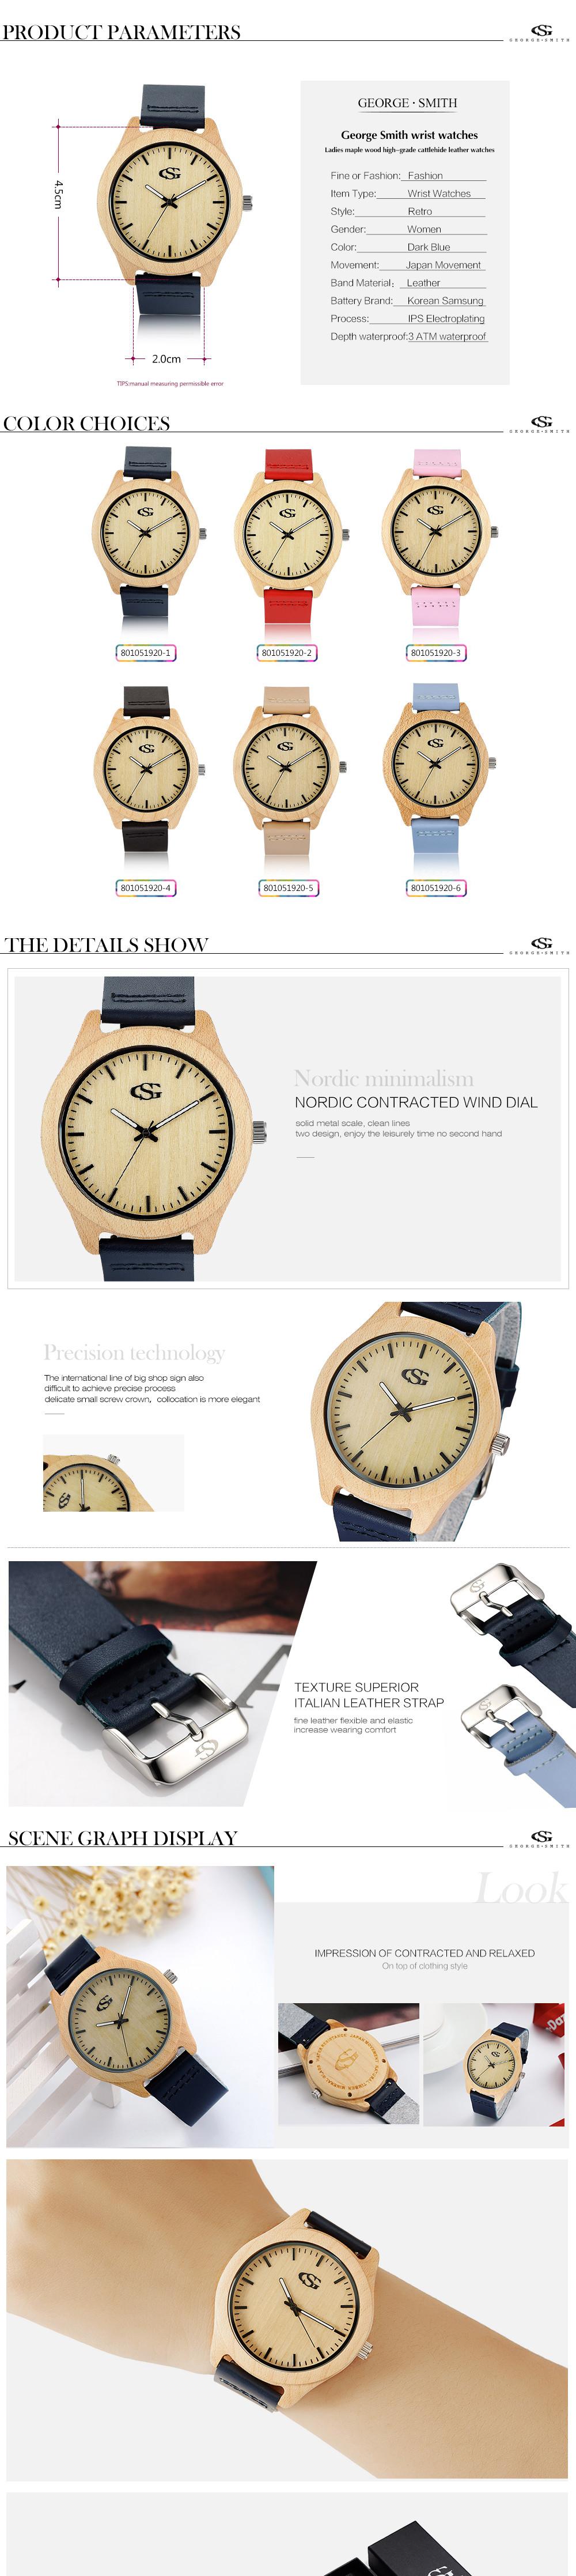 2016 Роскошные GS Марка Уникальный Vogue Мужская Женщины Кварцевые Часы Деревянный Открытый Спортивные Часы Часы С Кожаный Ремешок Relojes Hombre